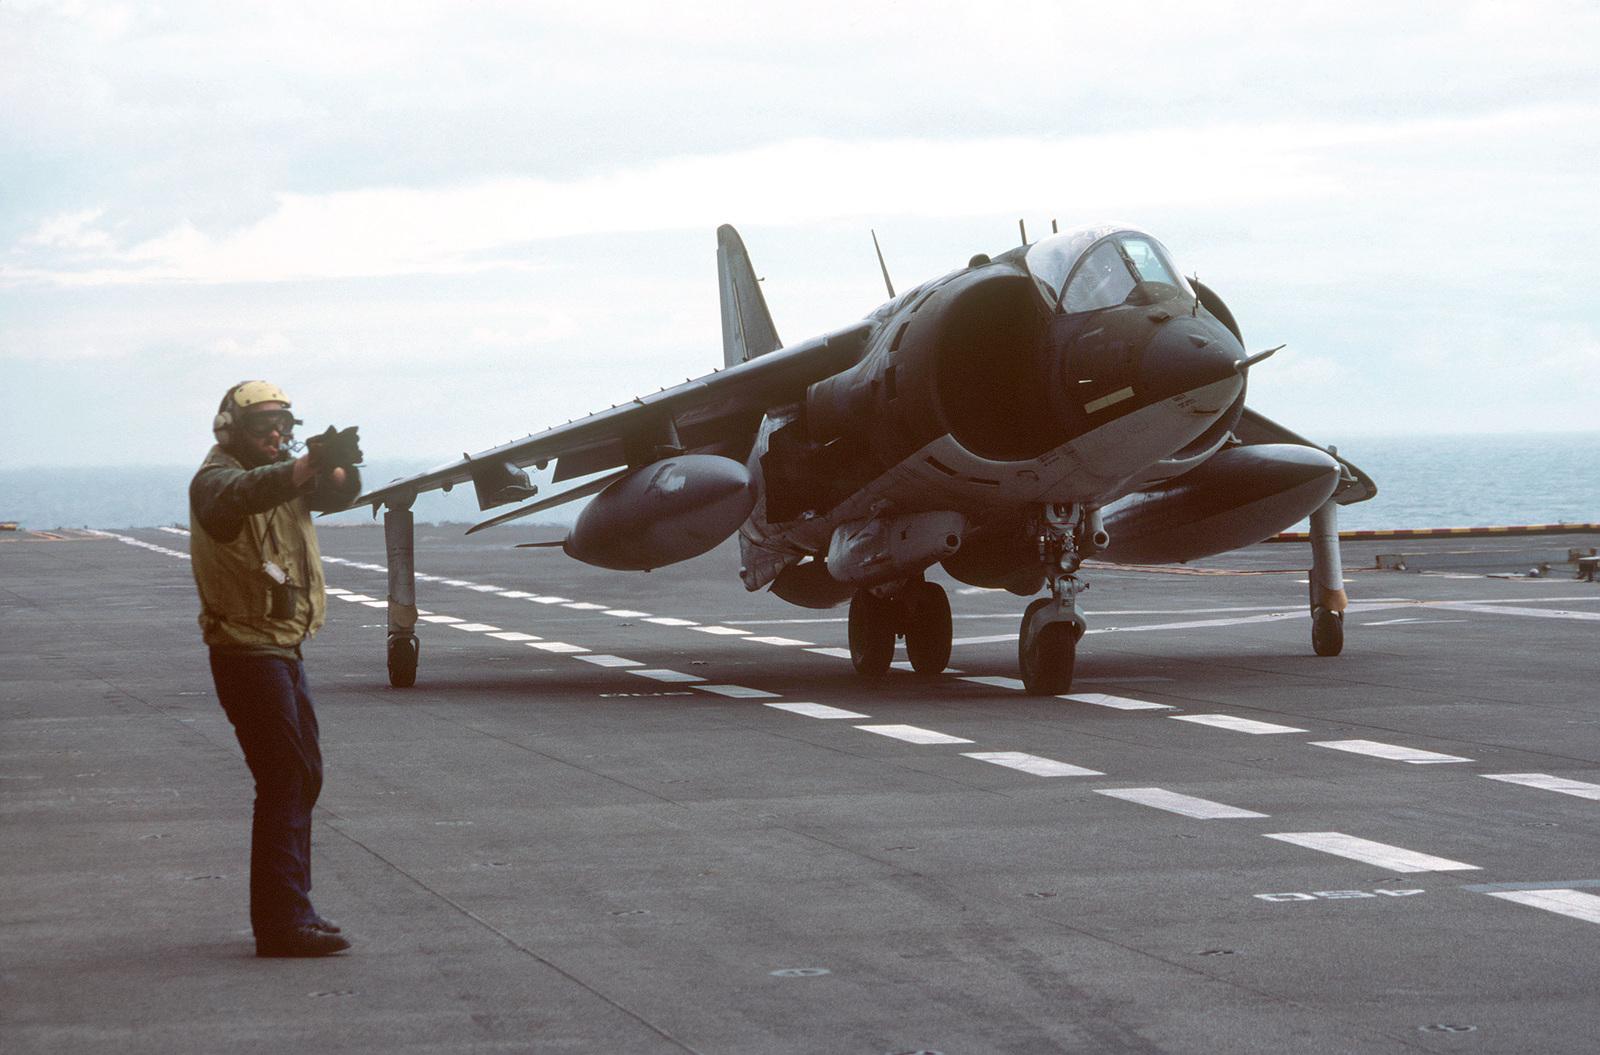 A flight deck crewman signals to the pilot of an AV-8A